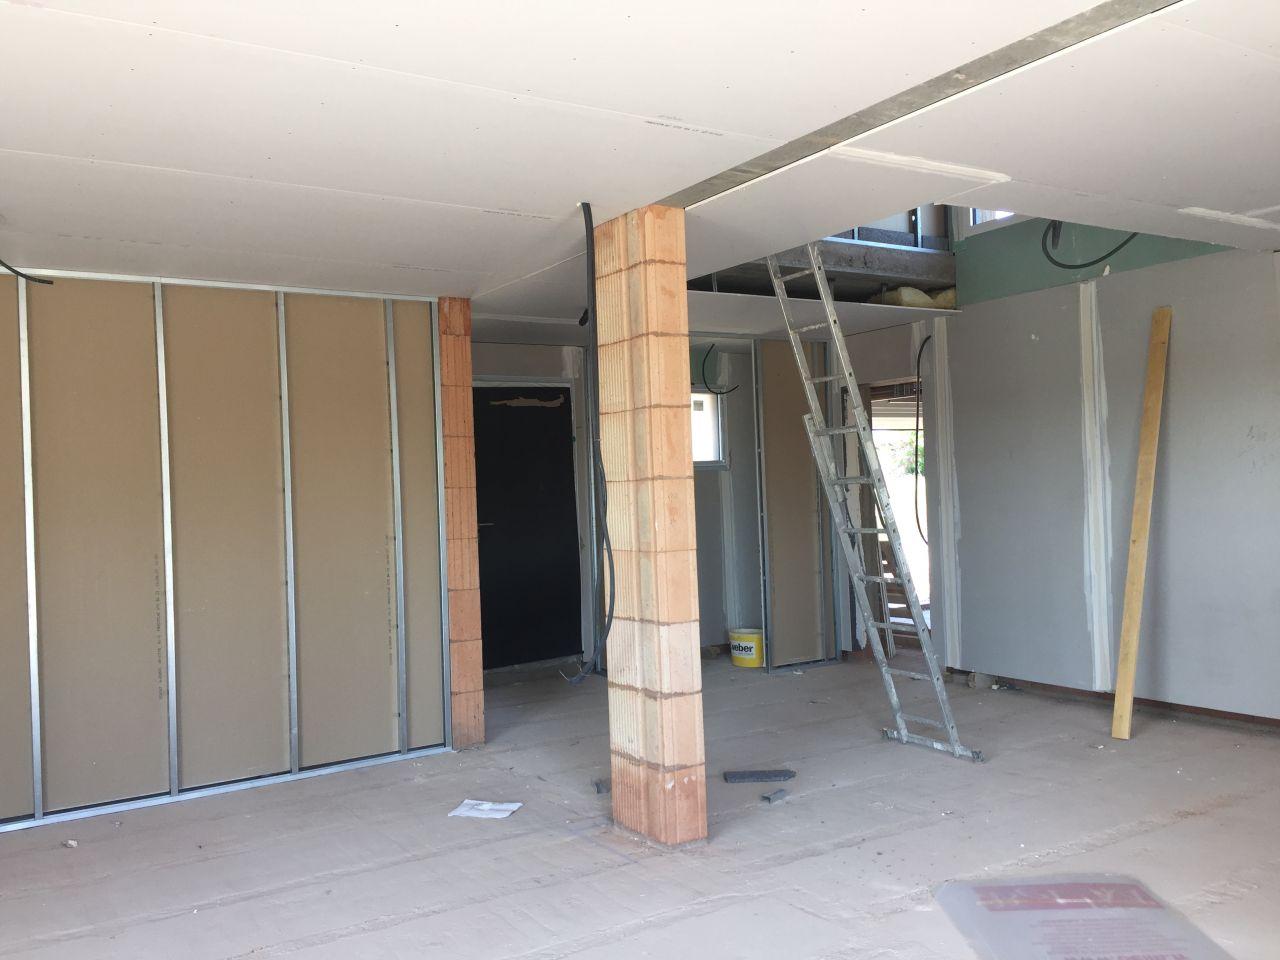 Démarrage des plâtres, vue sur l'entrée et la cage d'escalier